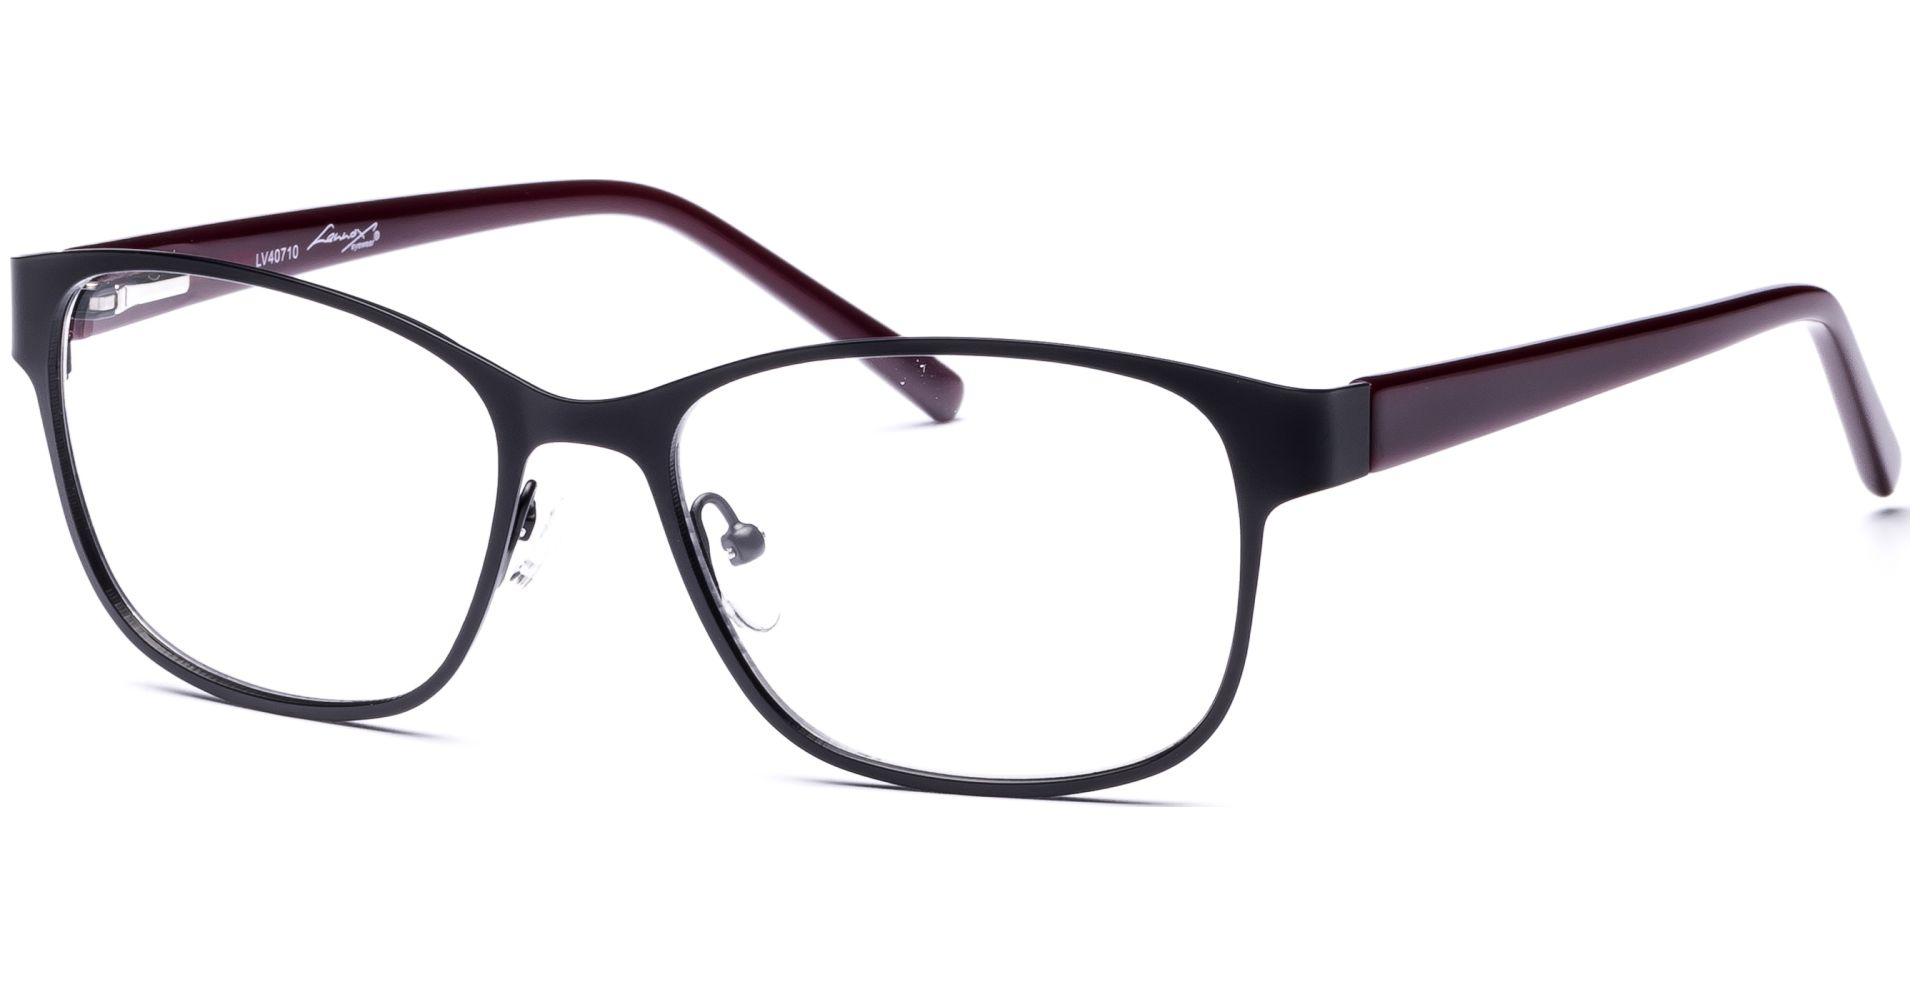 Lennox Eyewear - Ilva 5216 schwarz/beere - von Lensbest